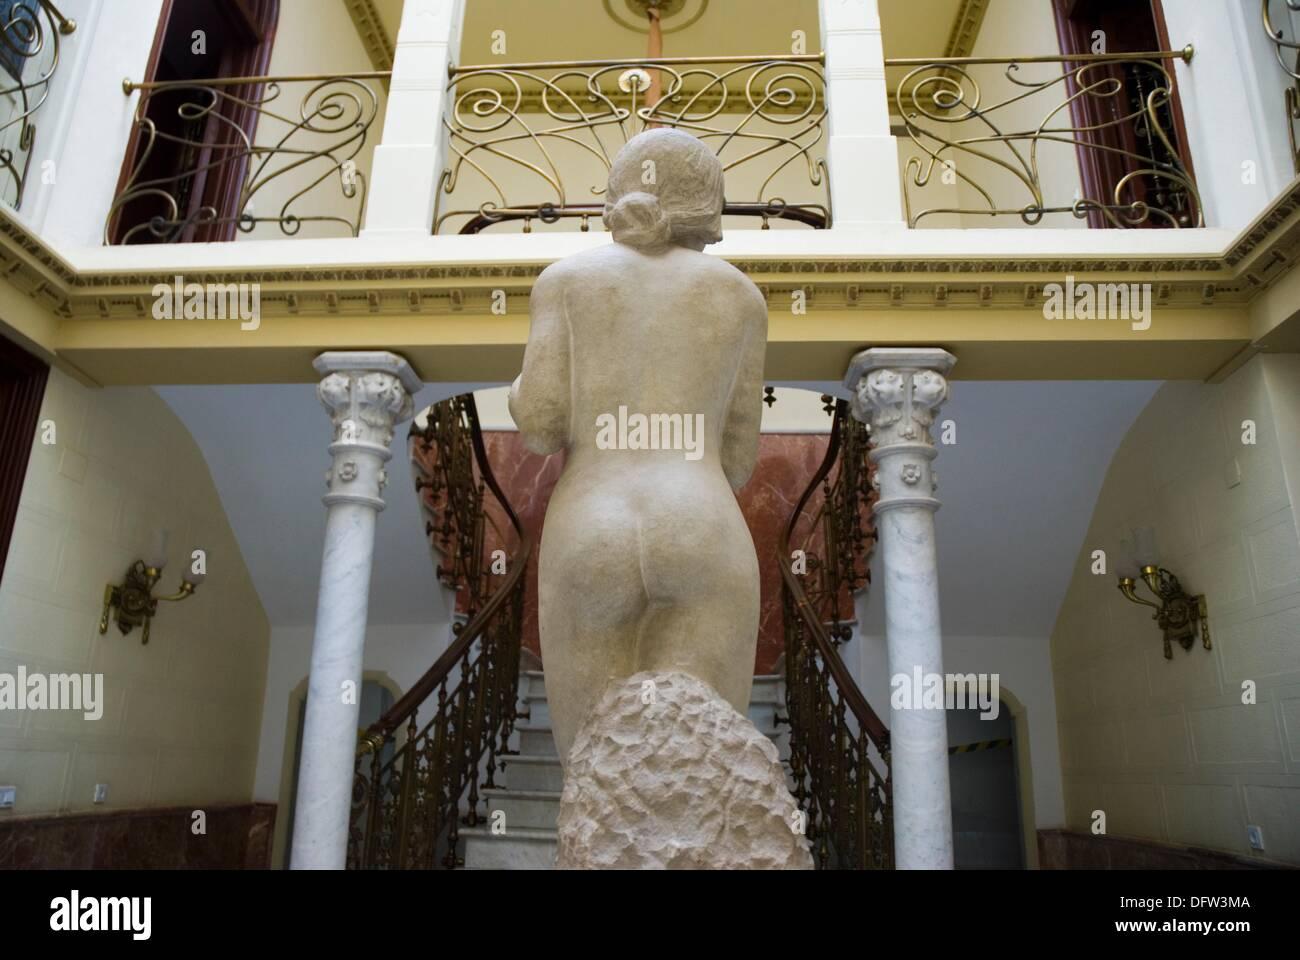 Adolescente, piedra tallada de Jose piani, en el Palacio Aguirre, sede del Museo Regional de Arte Moderno Muram CARTAGENA Immagini Stock